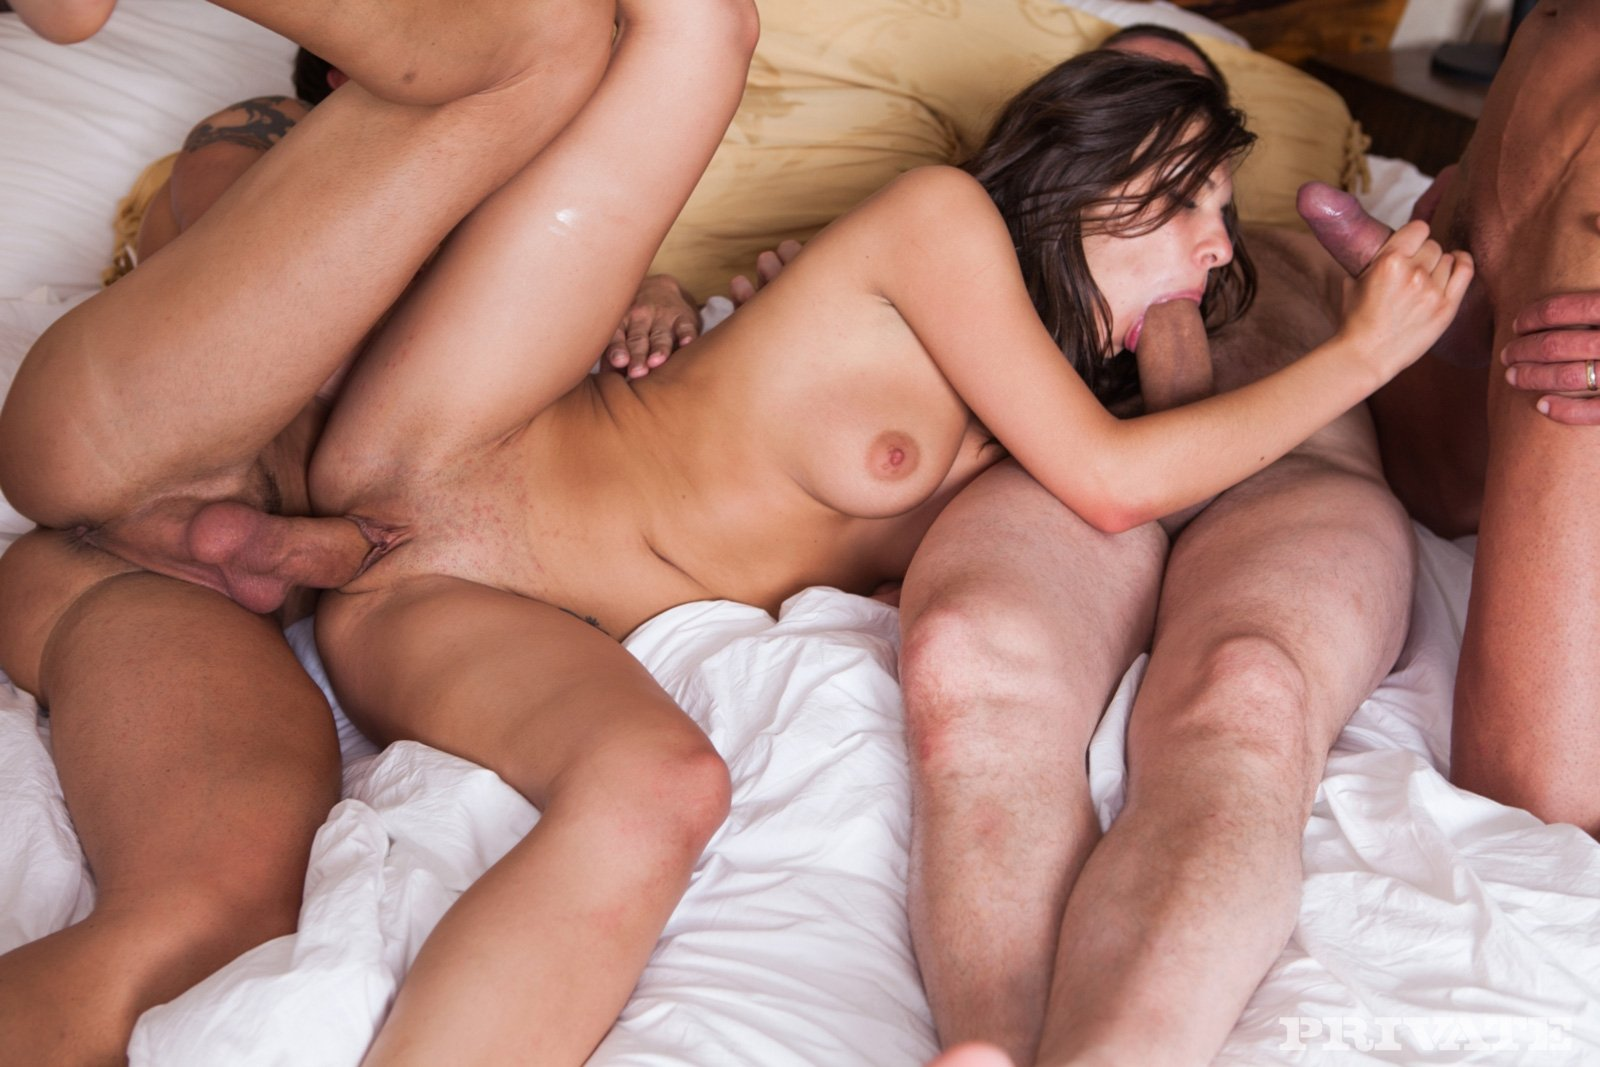 Секс в троем ебут жену, Трое парней ебут мою жену -видео. Смотреть Трое 12 фотография